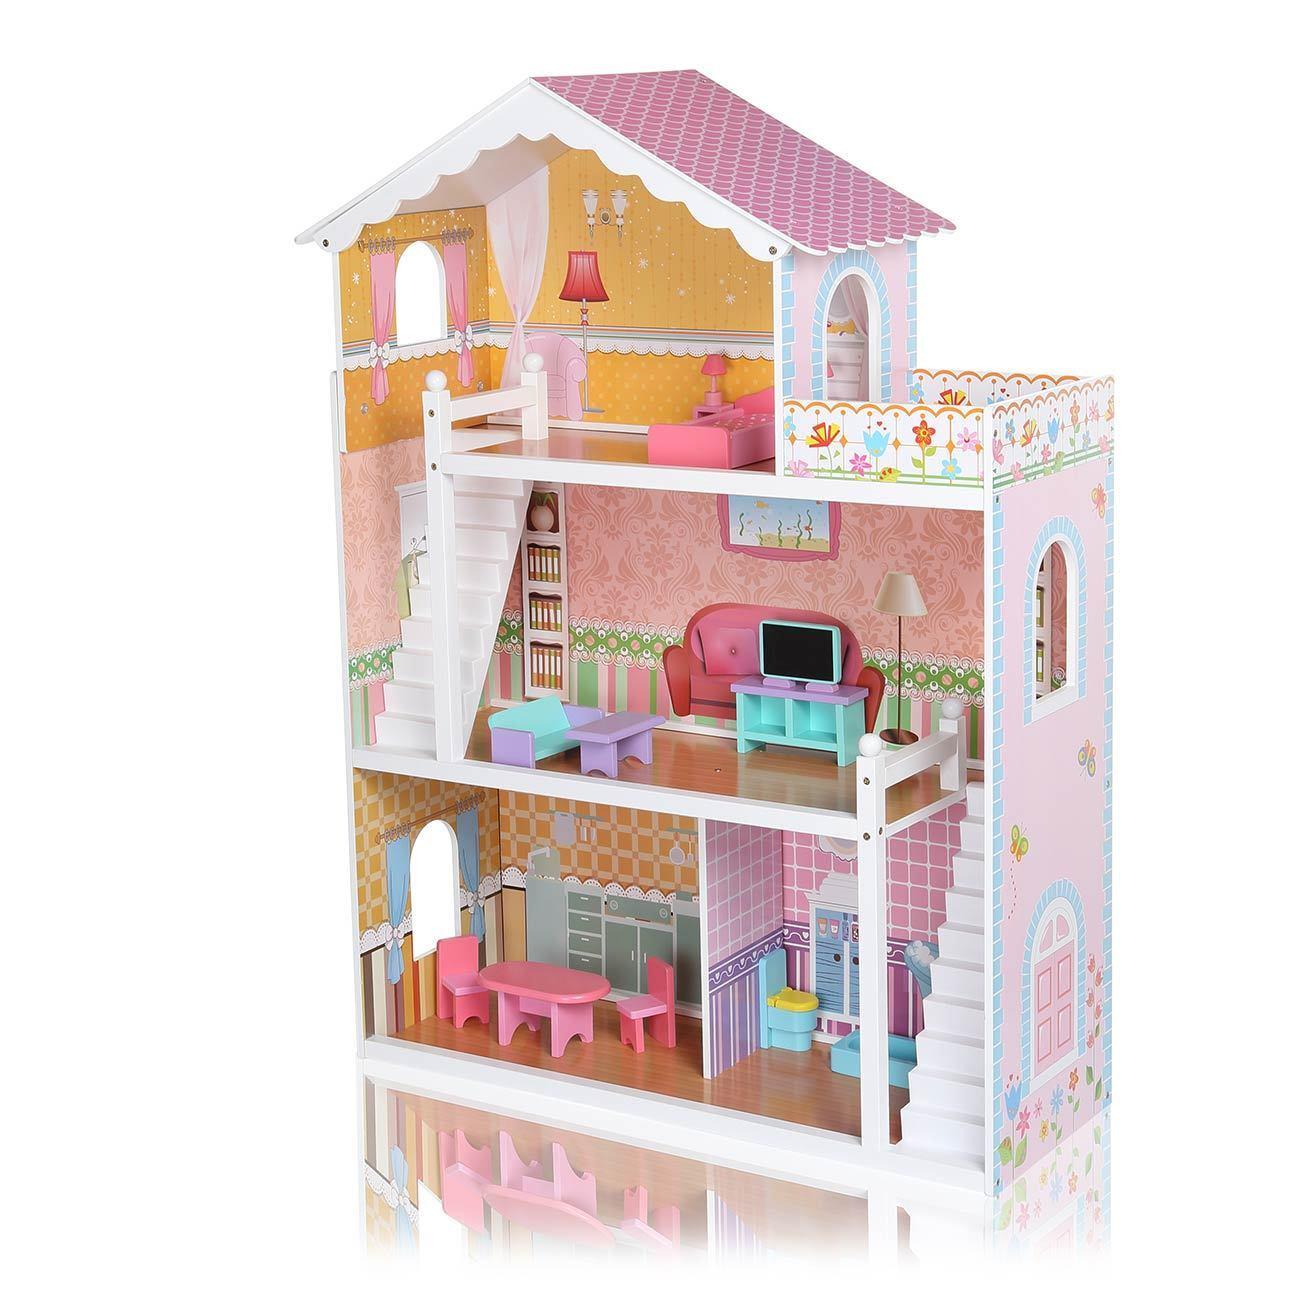 In Legno Kids Doll House Mobili in miniatura KIT violaTA Casa delle Bambole Set BABY VIVO